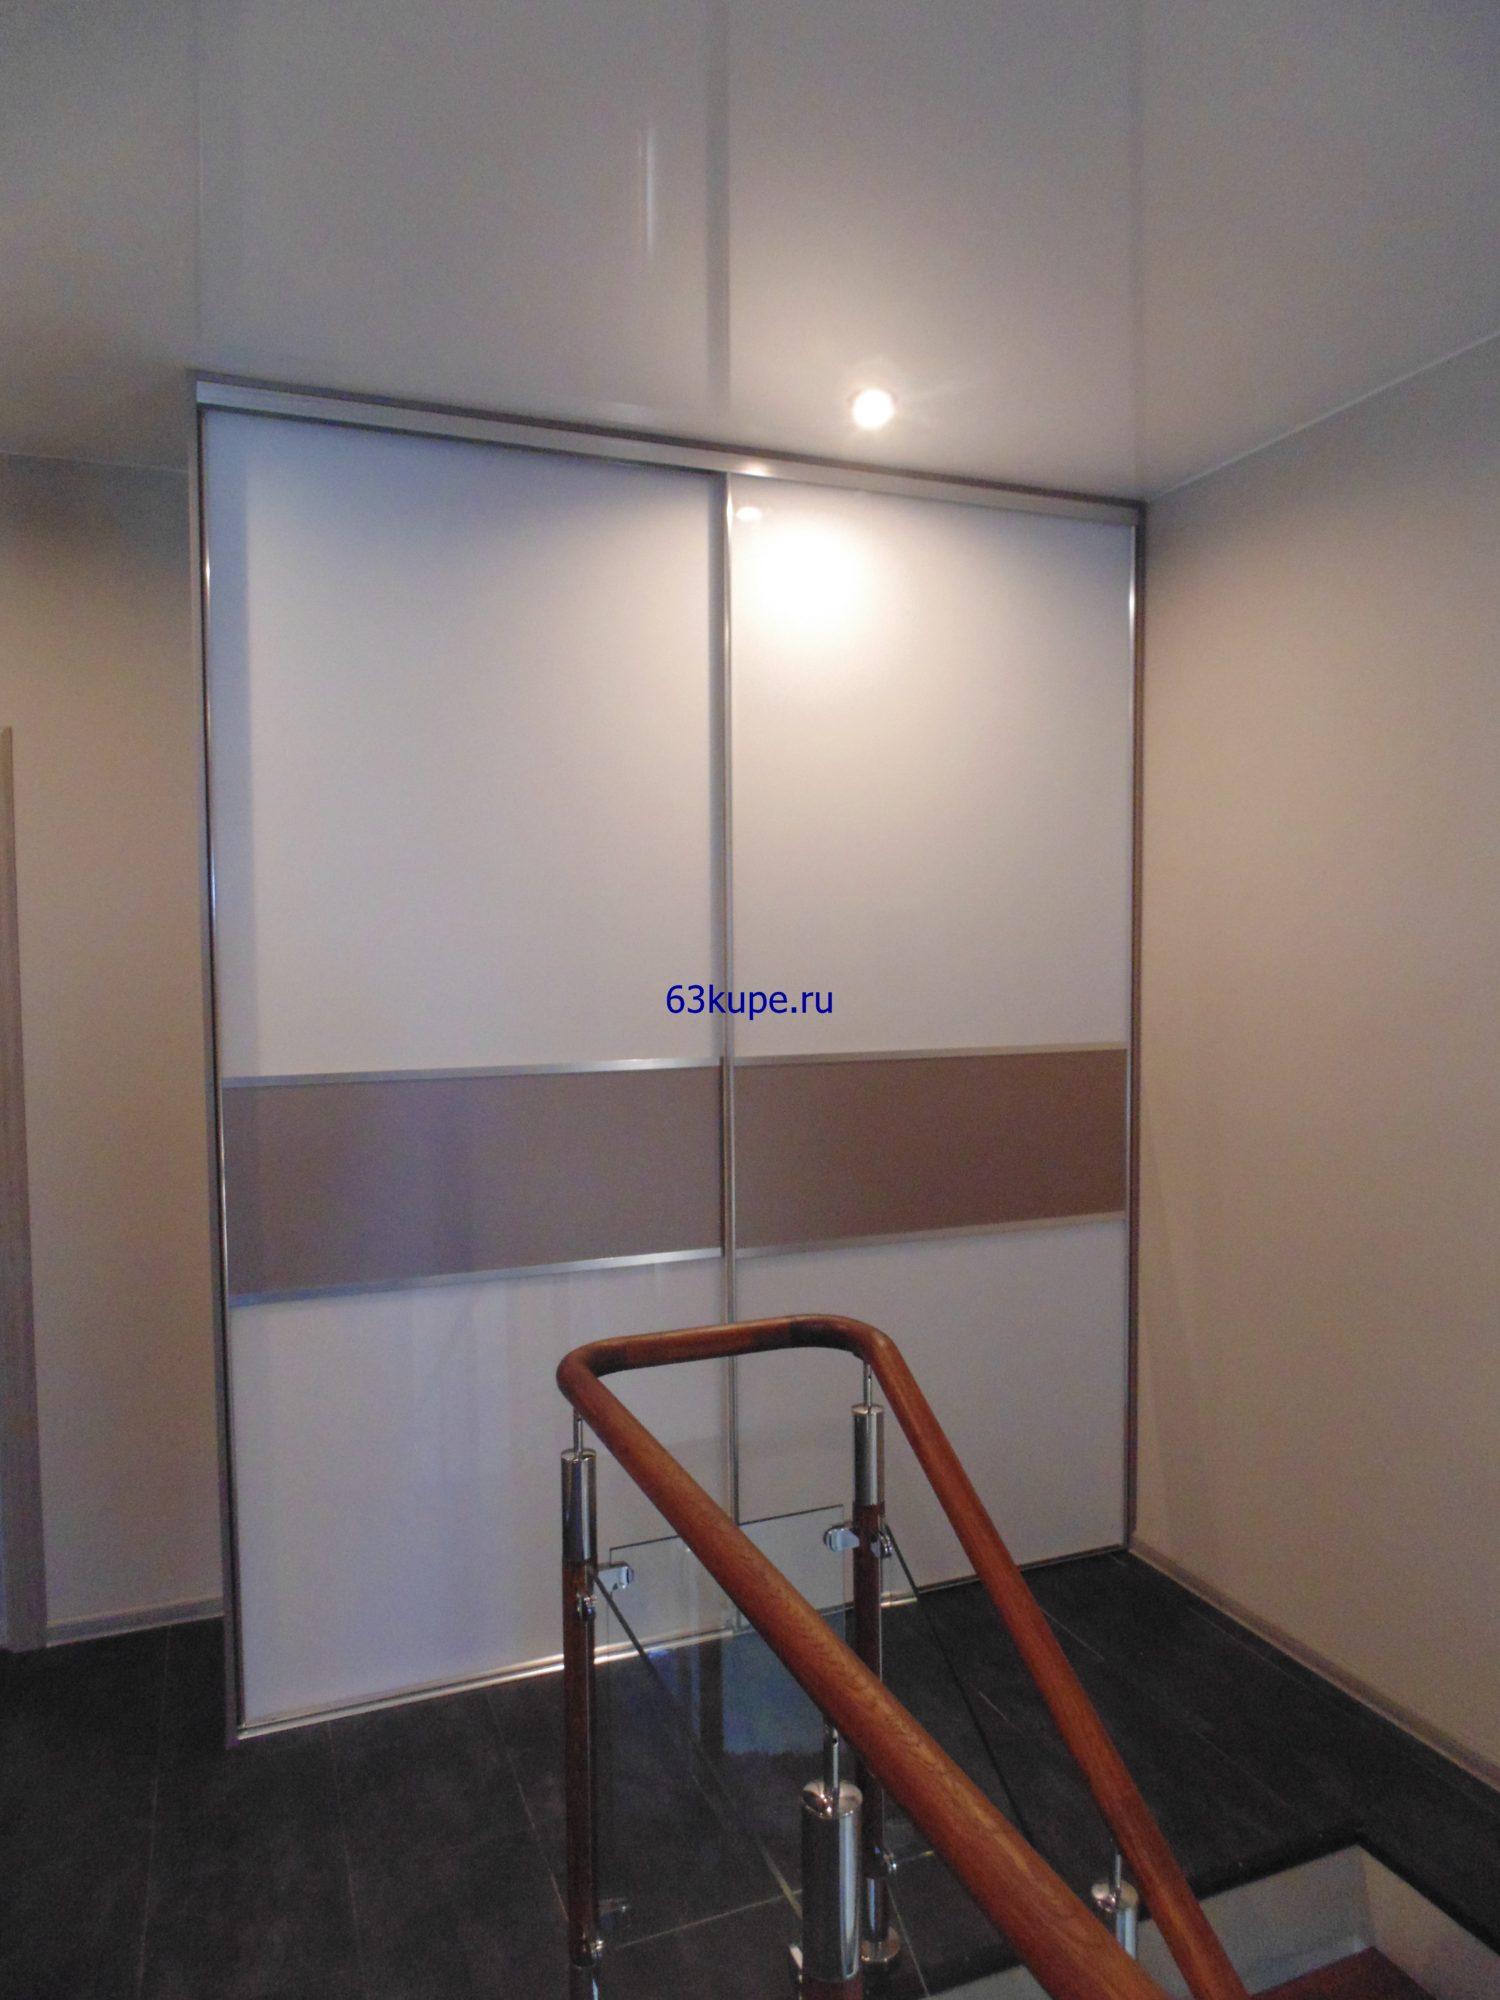 Двух-дверной шкаф купе со стеклом.